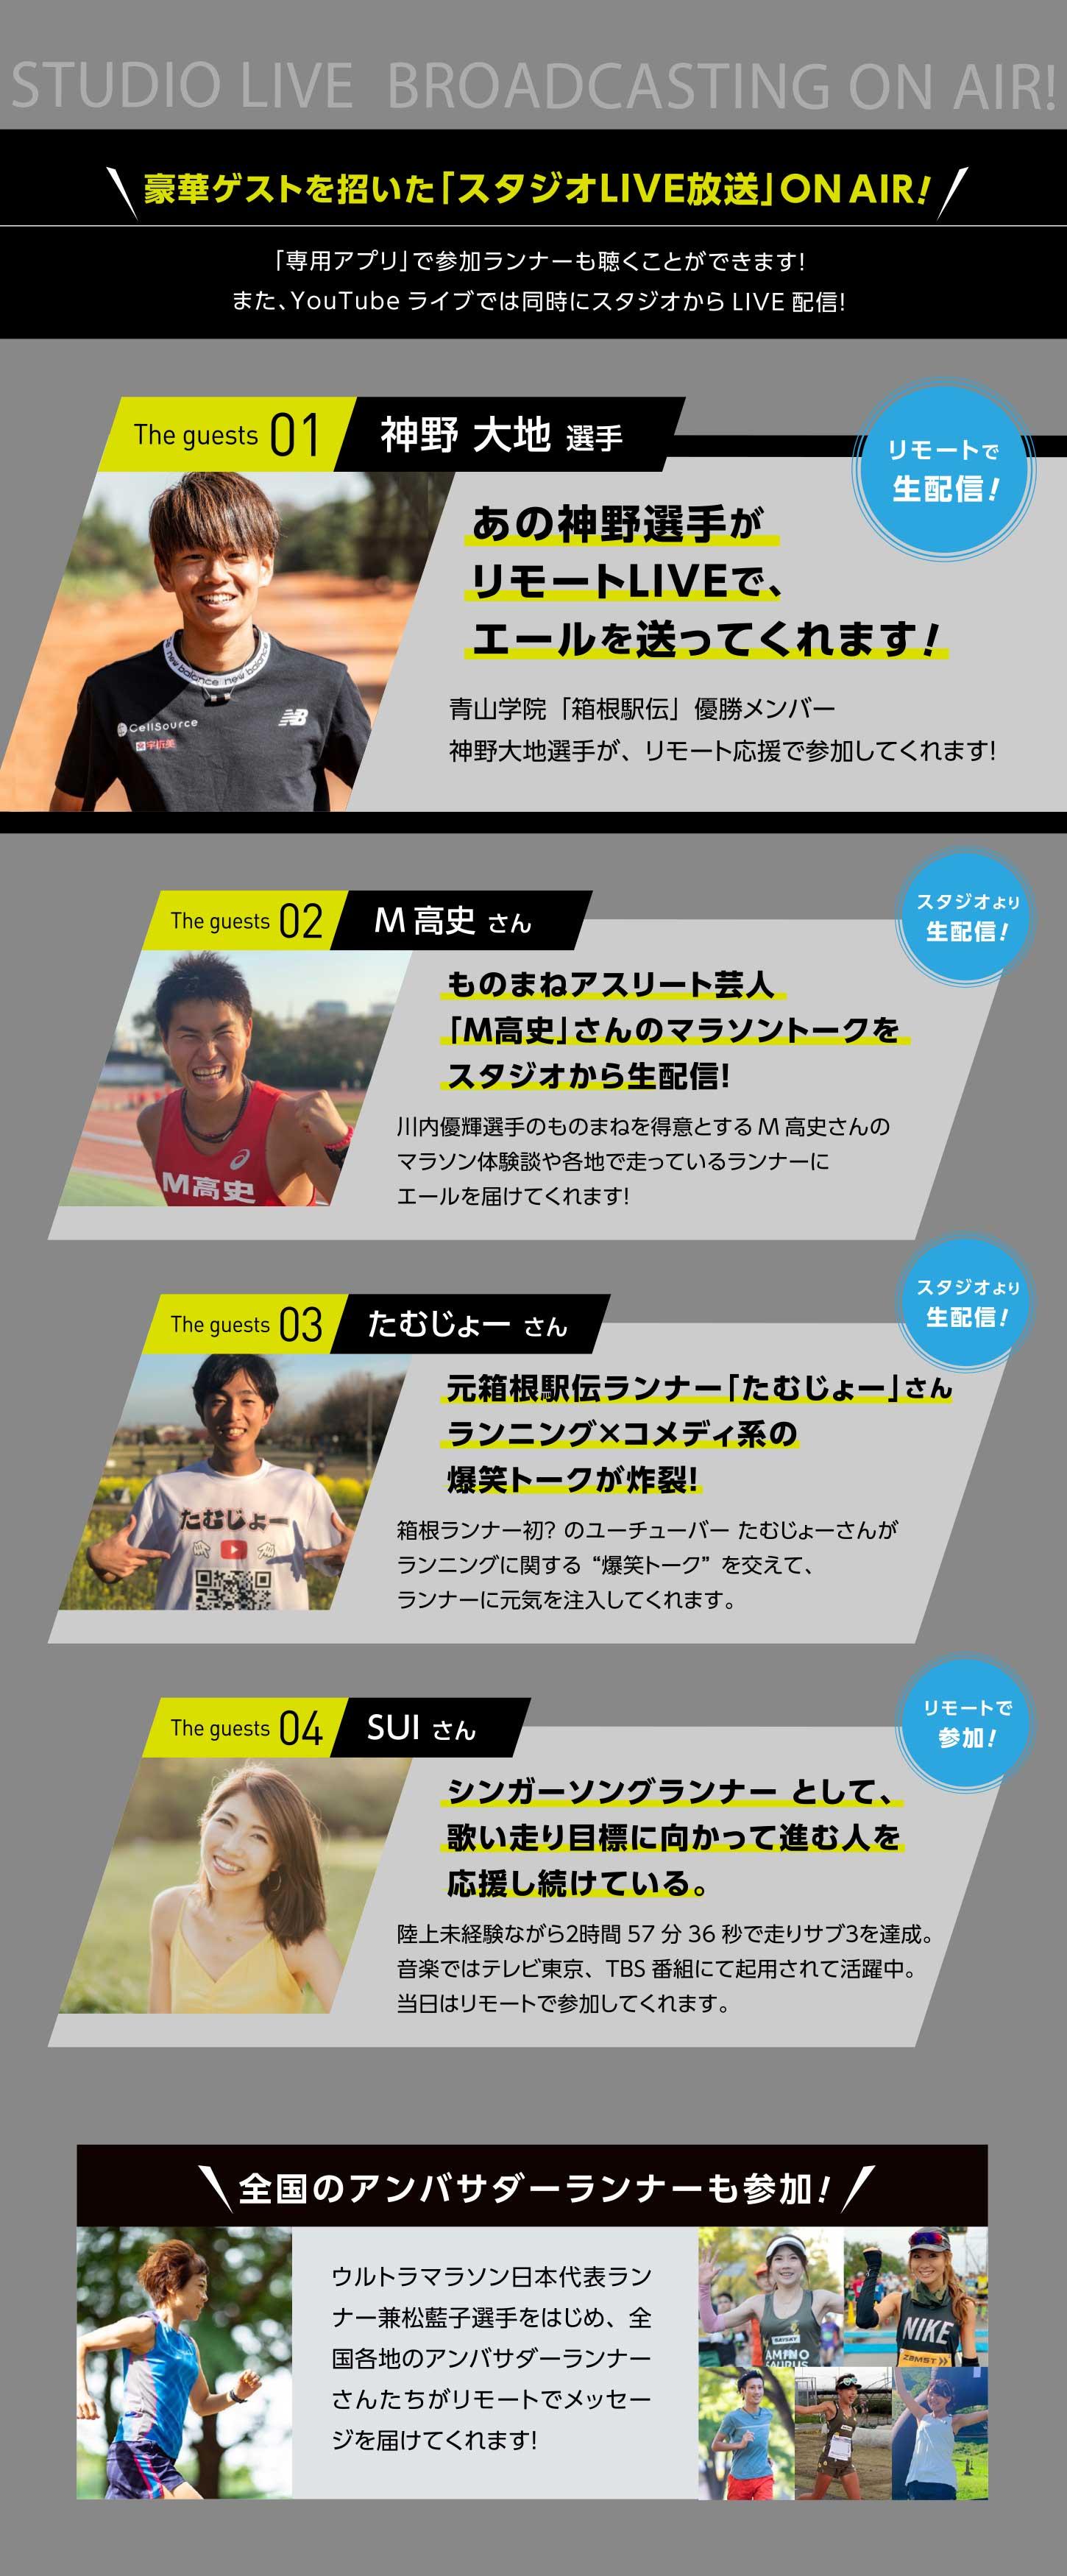 神野大地さん、ものまねアスリート芸人「M高史」さん、元箱根駅伝ランナー「たむじょー」さんなどたくさんのゲストがイベントを盛り上げてくれます!